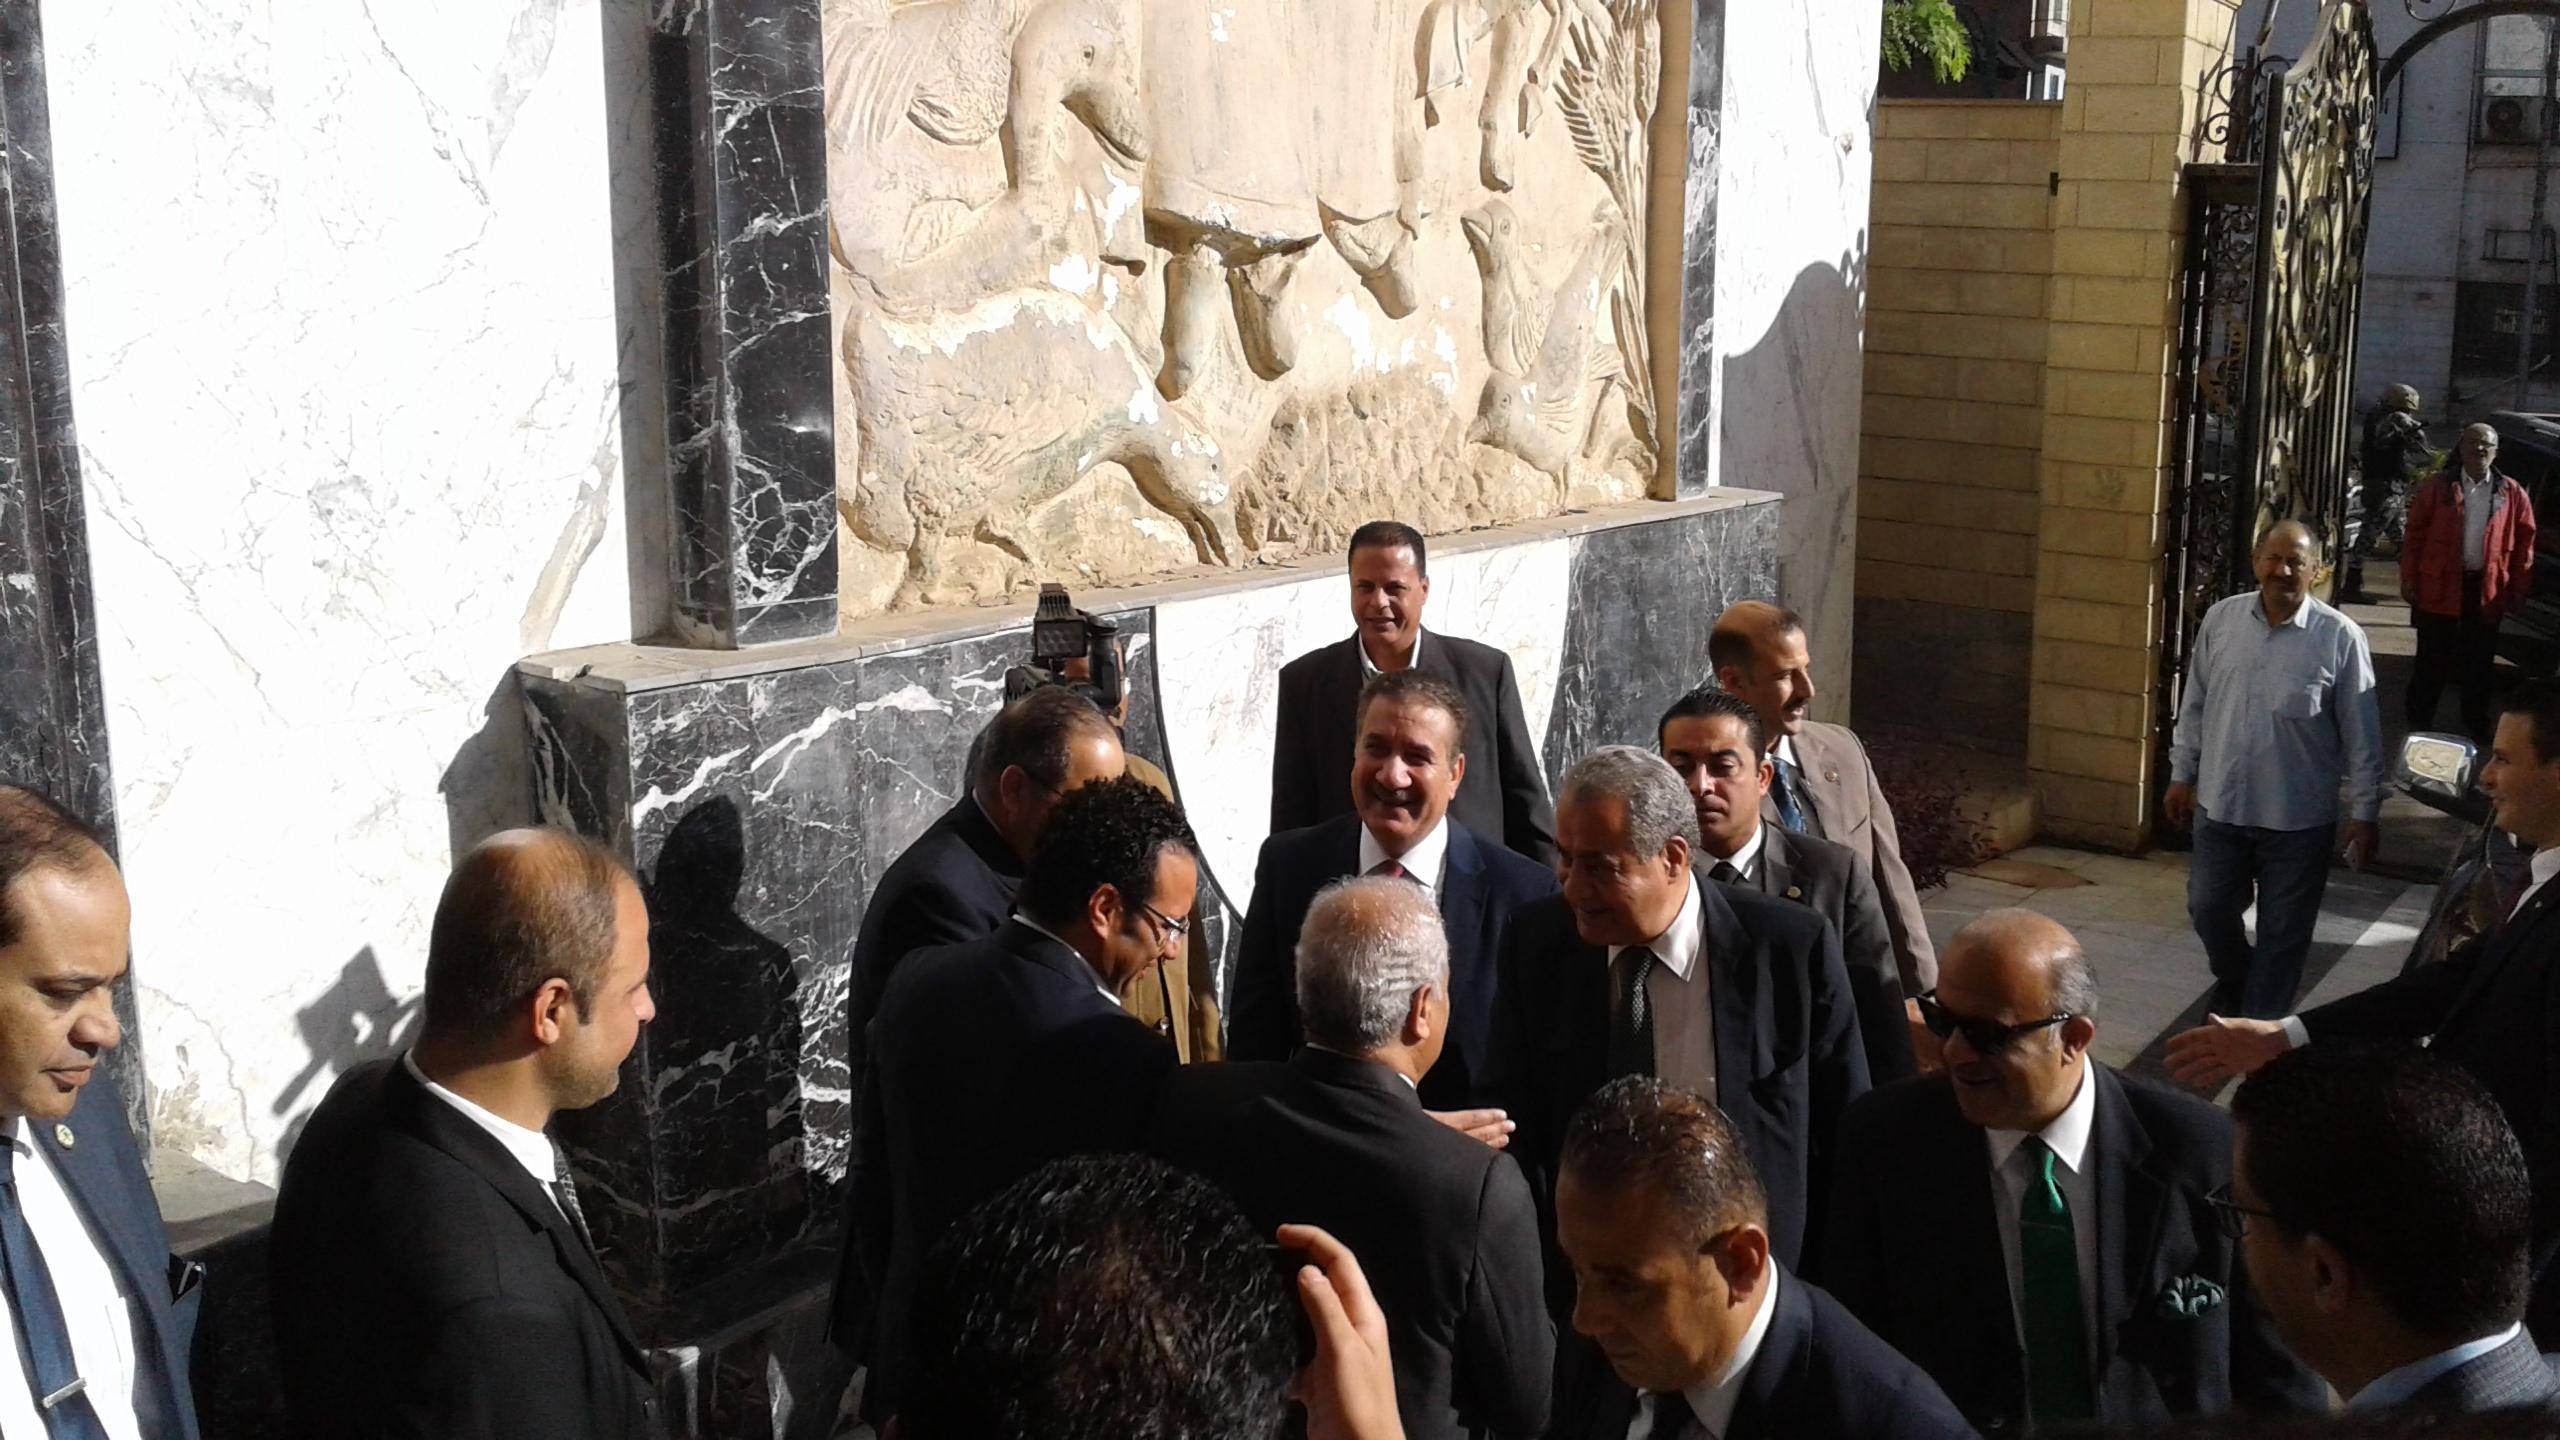 محافظ المنوفية يستقبل وزير التموين لوضع حجر اساس مشروع دلتا لاند مارك (5)